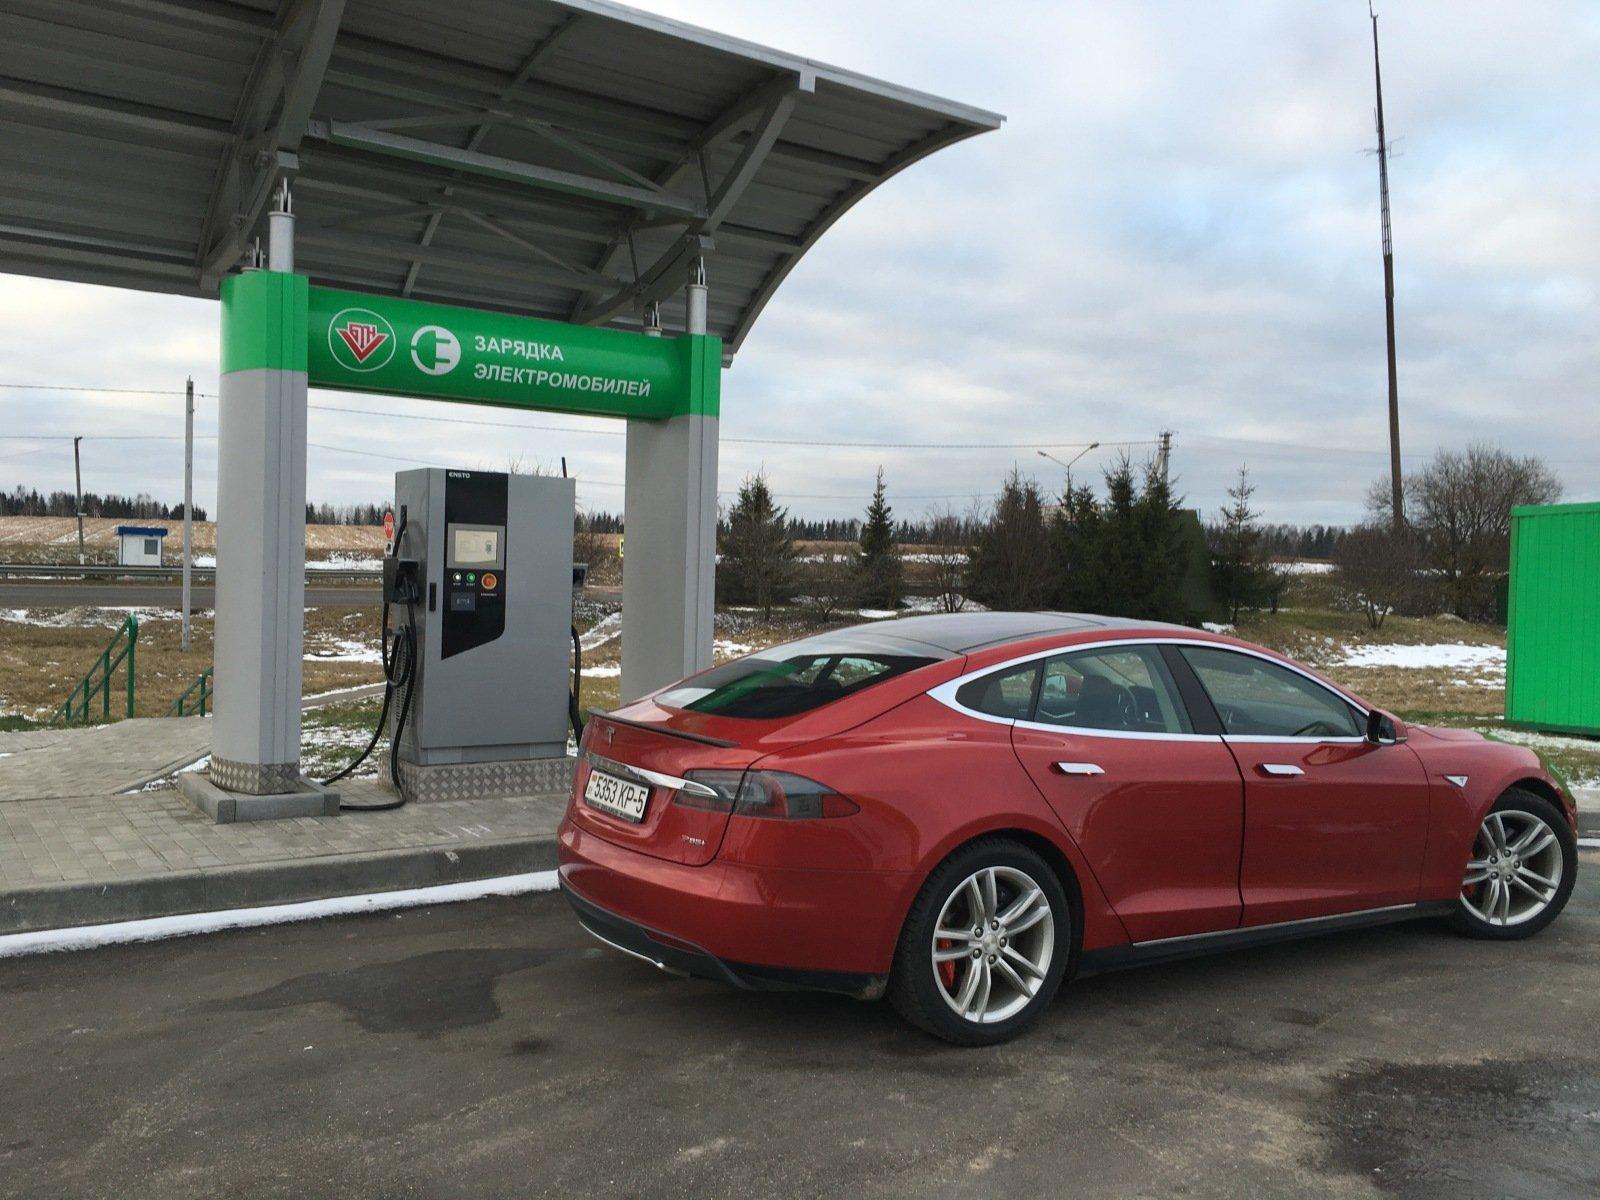 Как белорусы на двух Tesla доехали до Мурманска и вернулись обратно